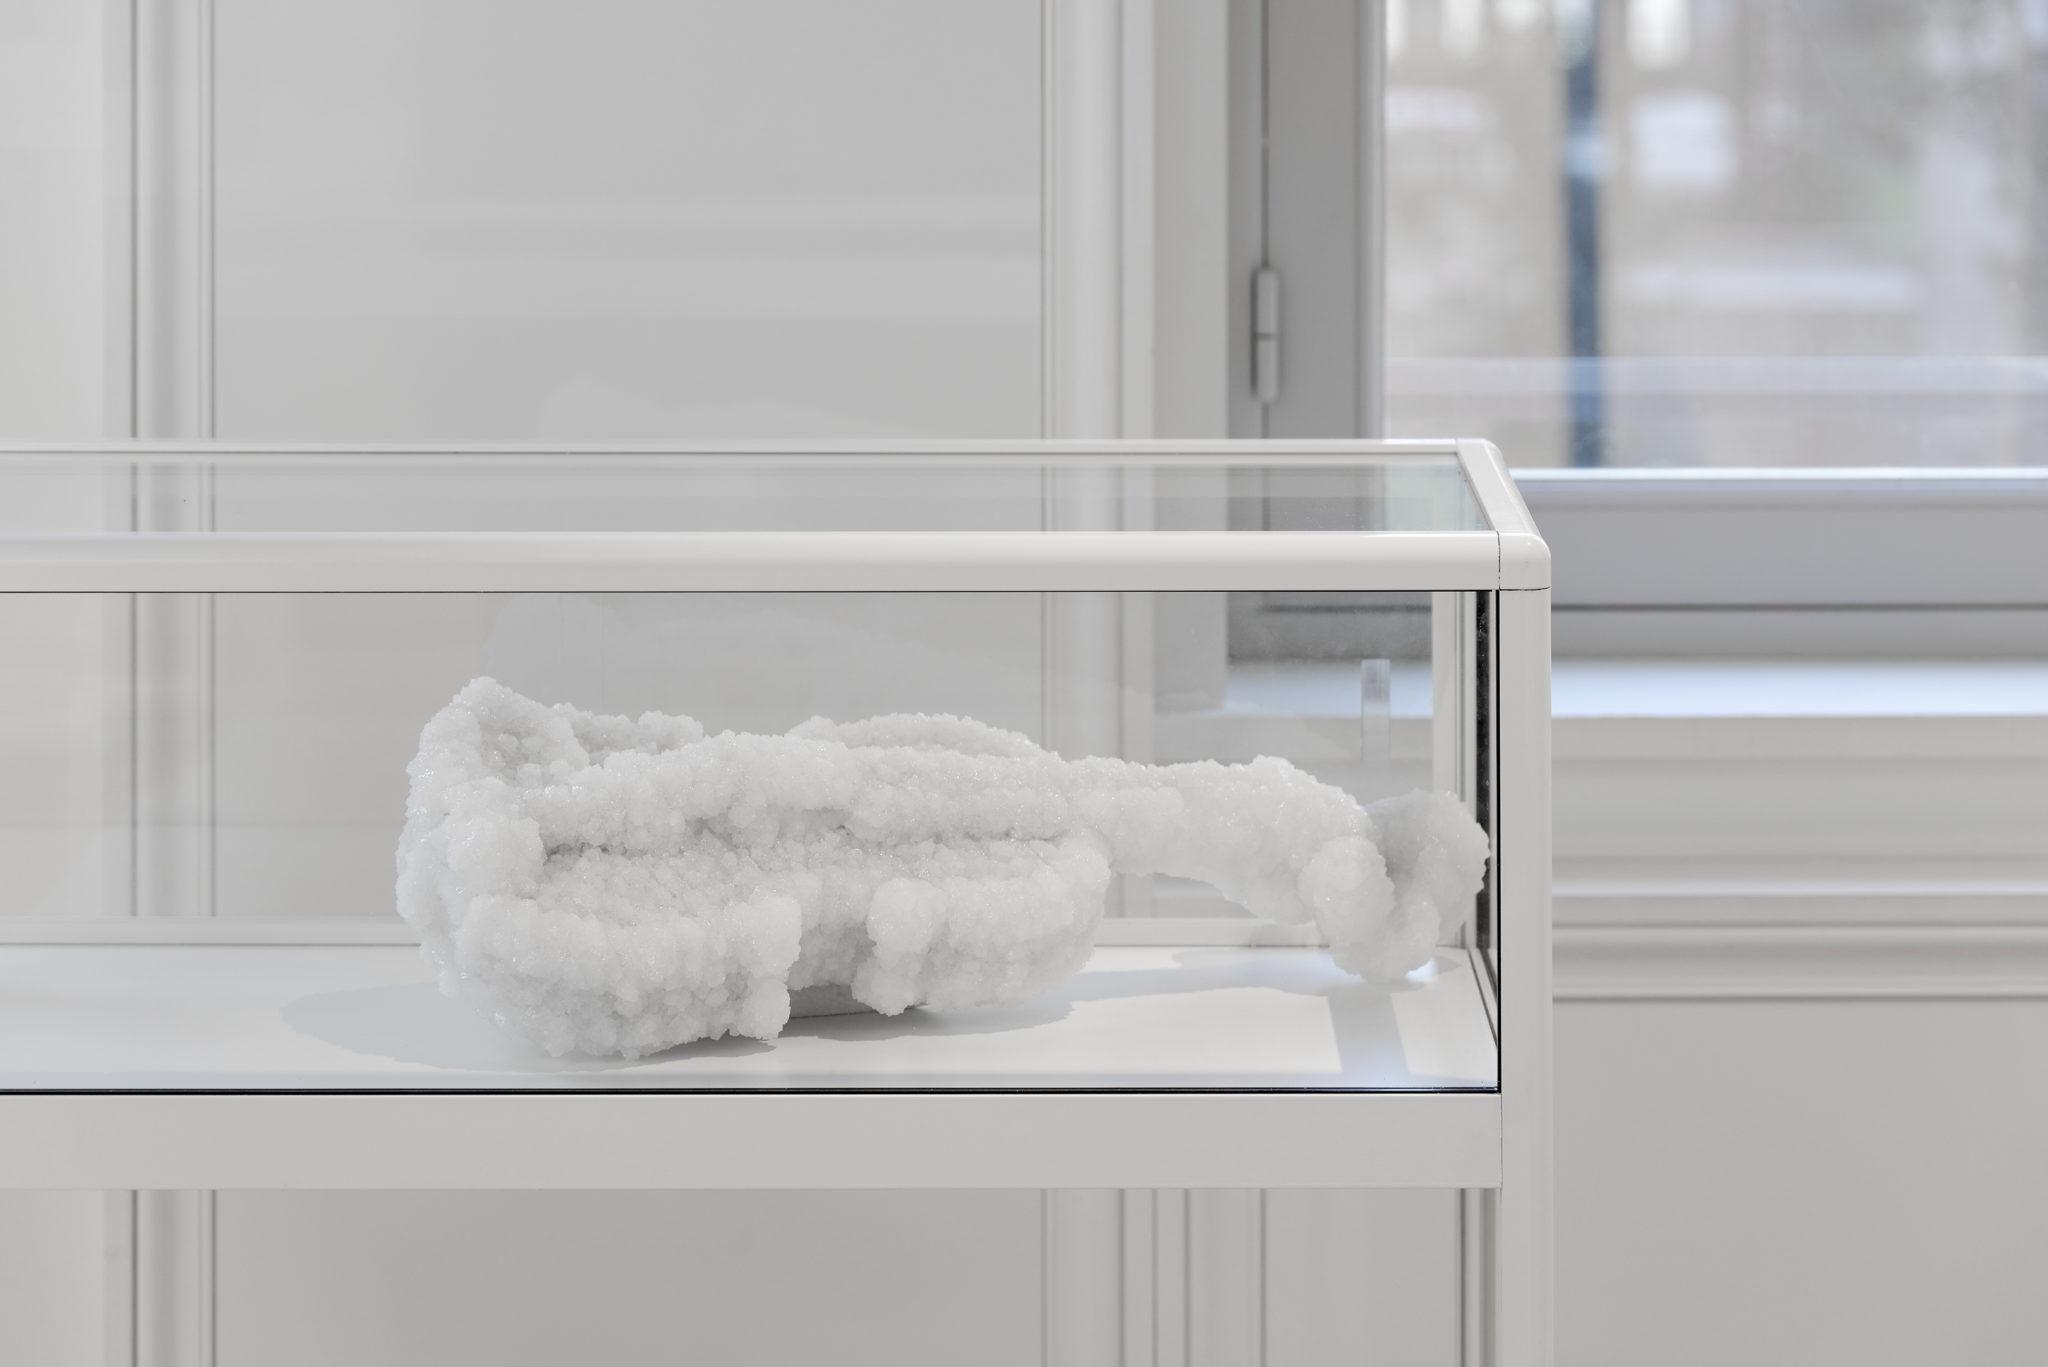 Chambres à part 13 – Parfums de Femmes – Sigalit Landau – Violon, 2014, Violon et cristaux de sel, 62×23,5 x 13 cm, unique – copyright Aurélien Mole – Laurence Dreyfus